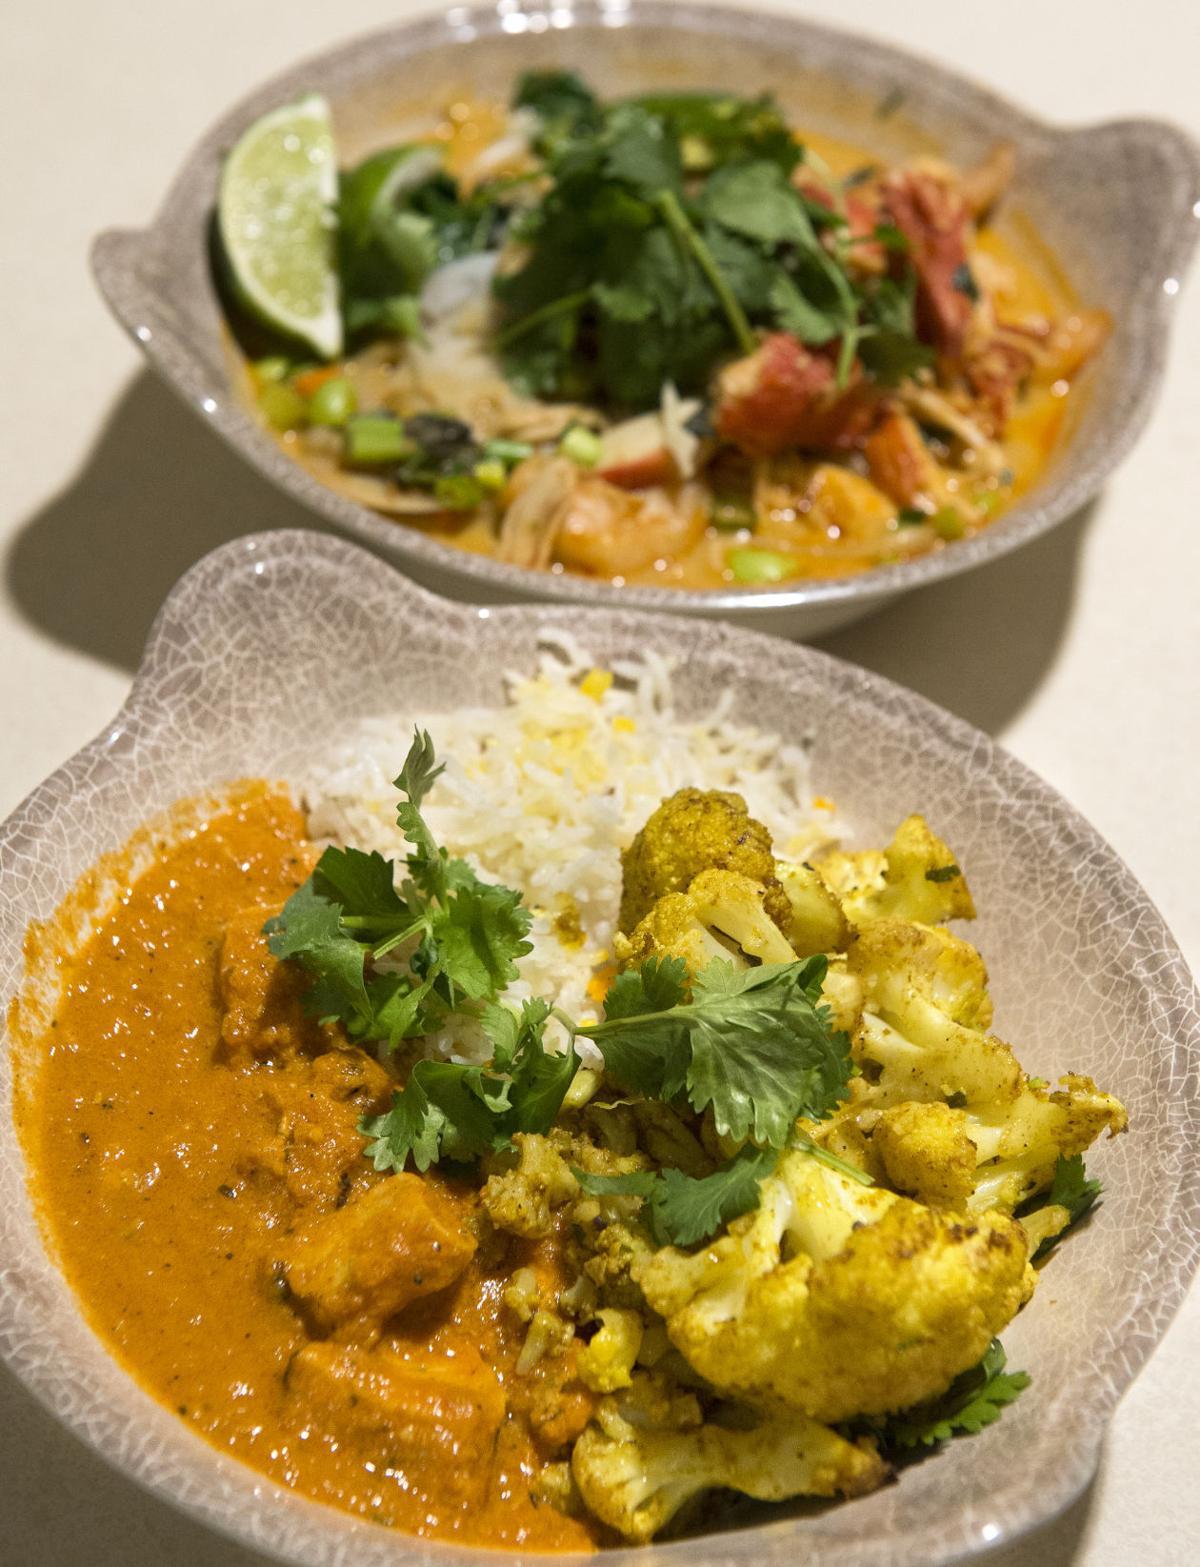 Indian food at Bryan East